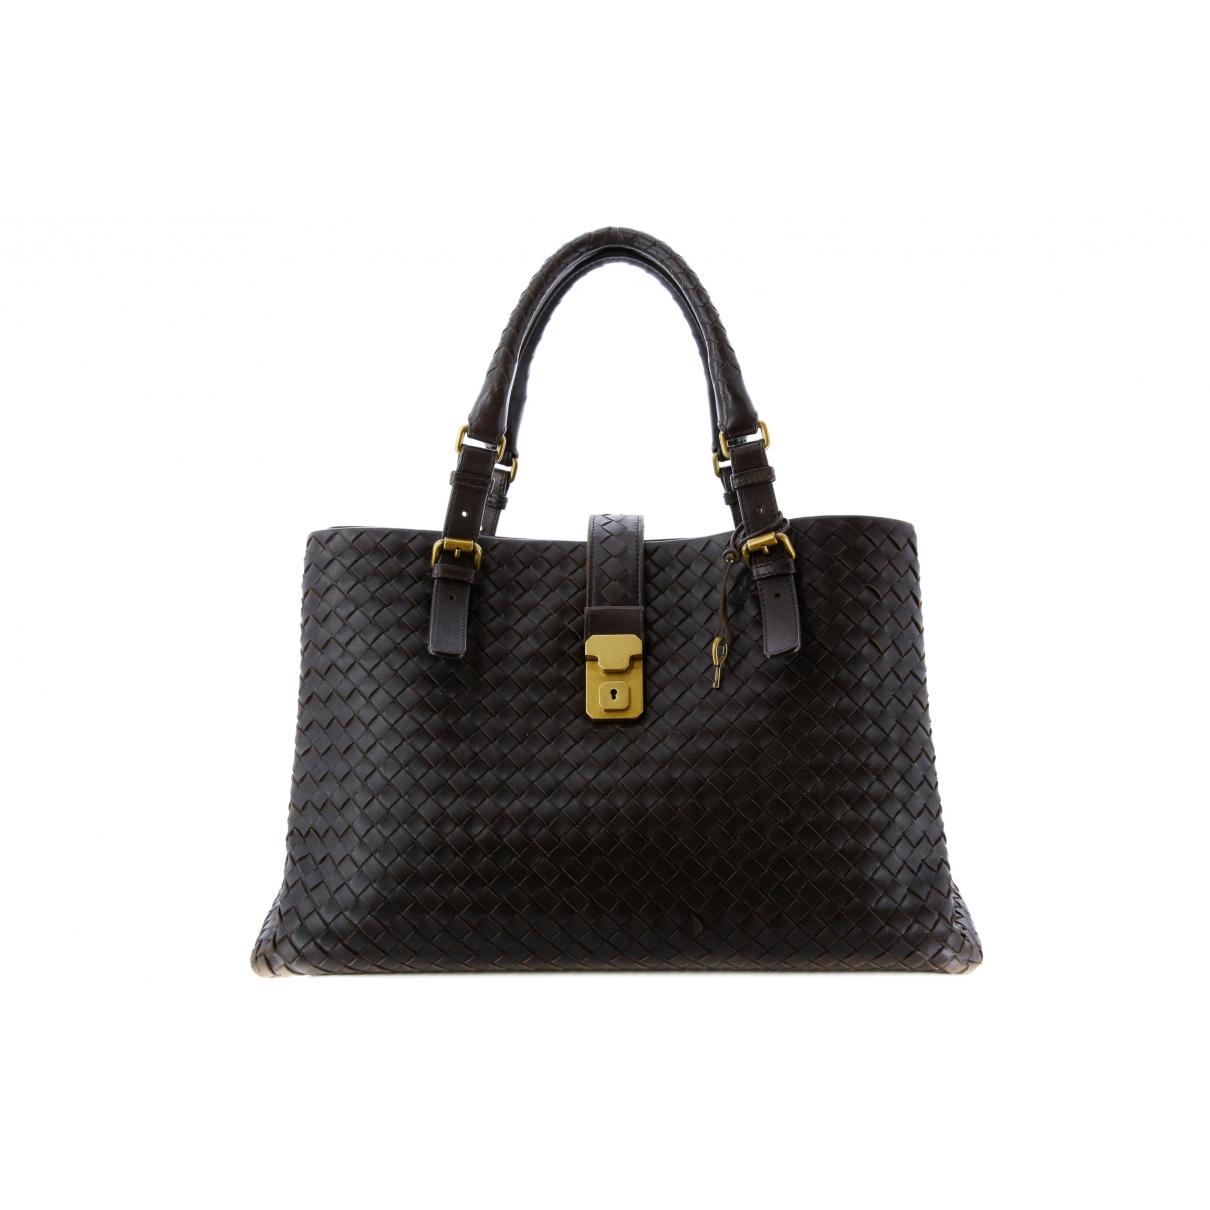 Bottega Veneta Roma Brown Leather handbag for Women \N